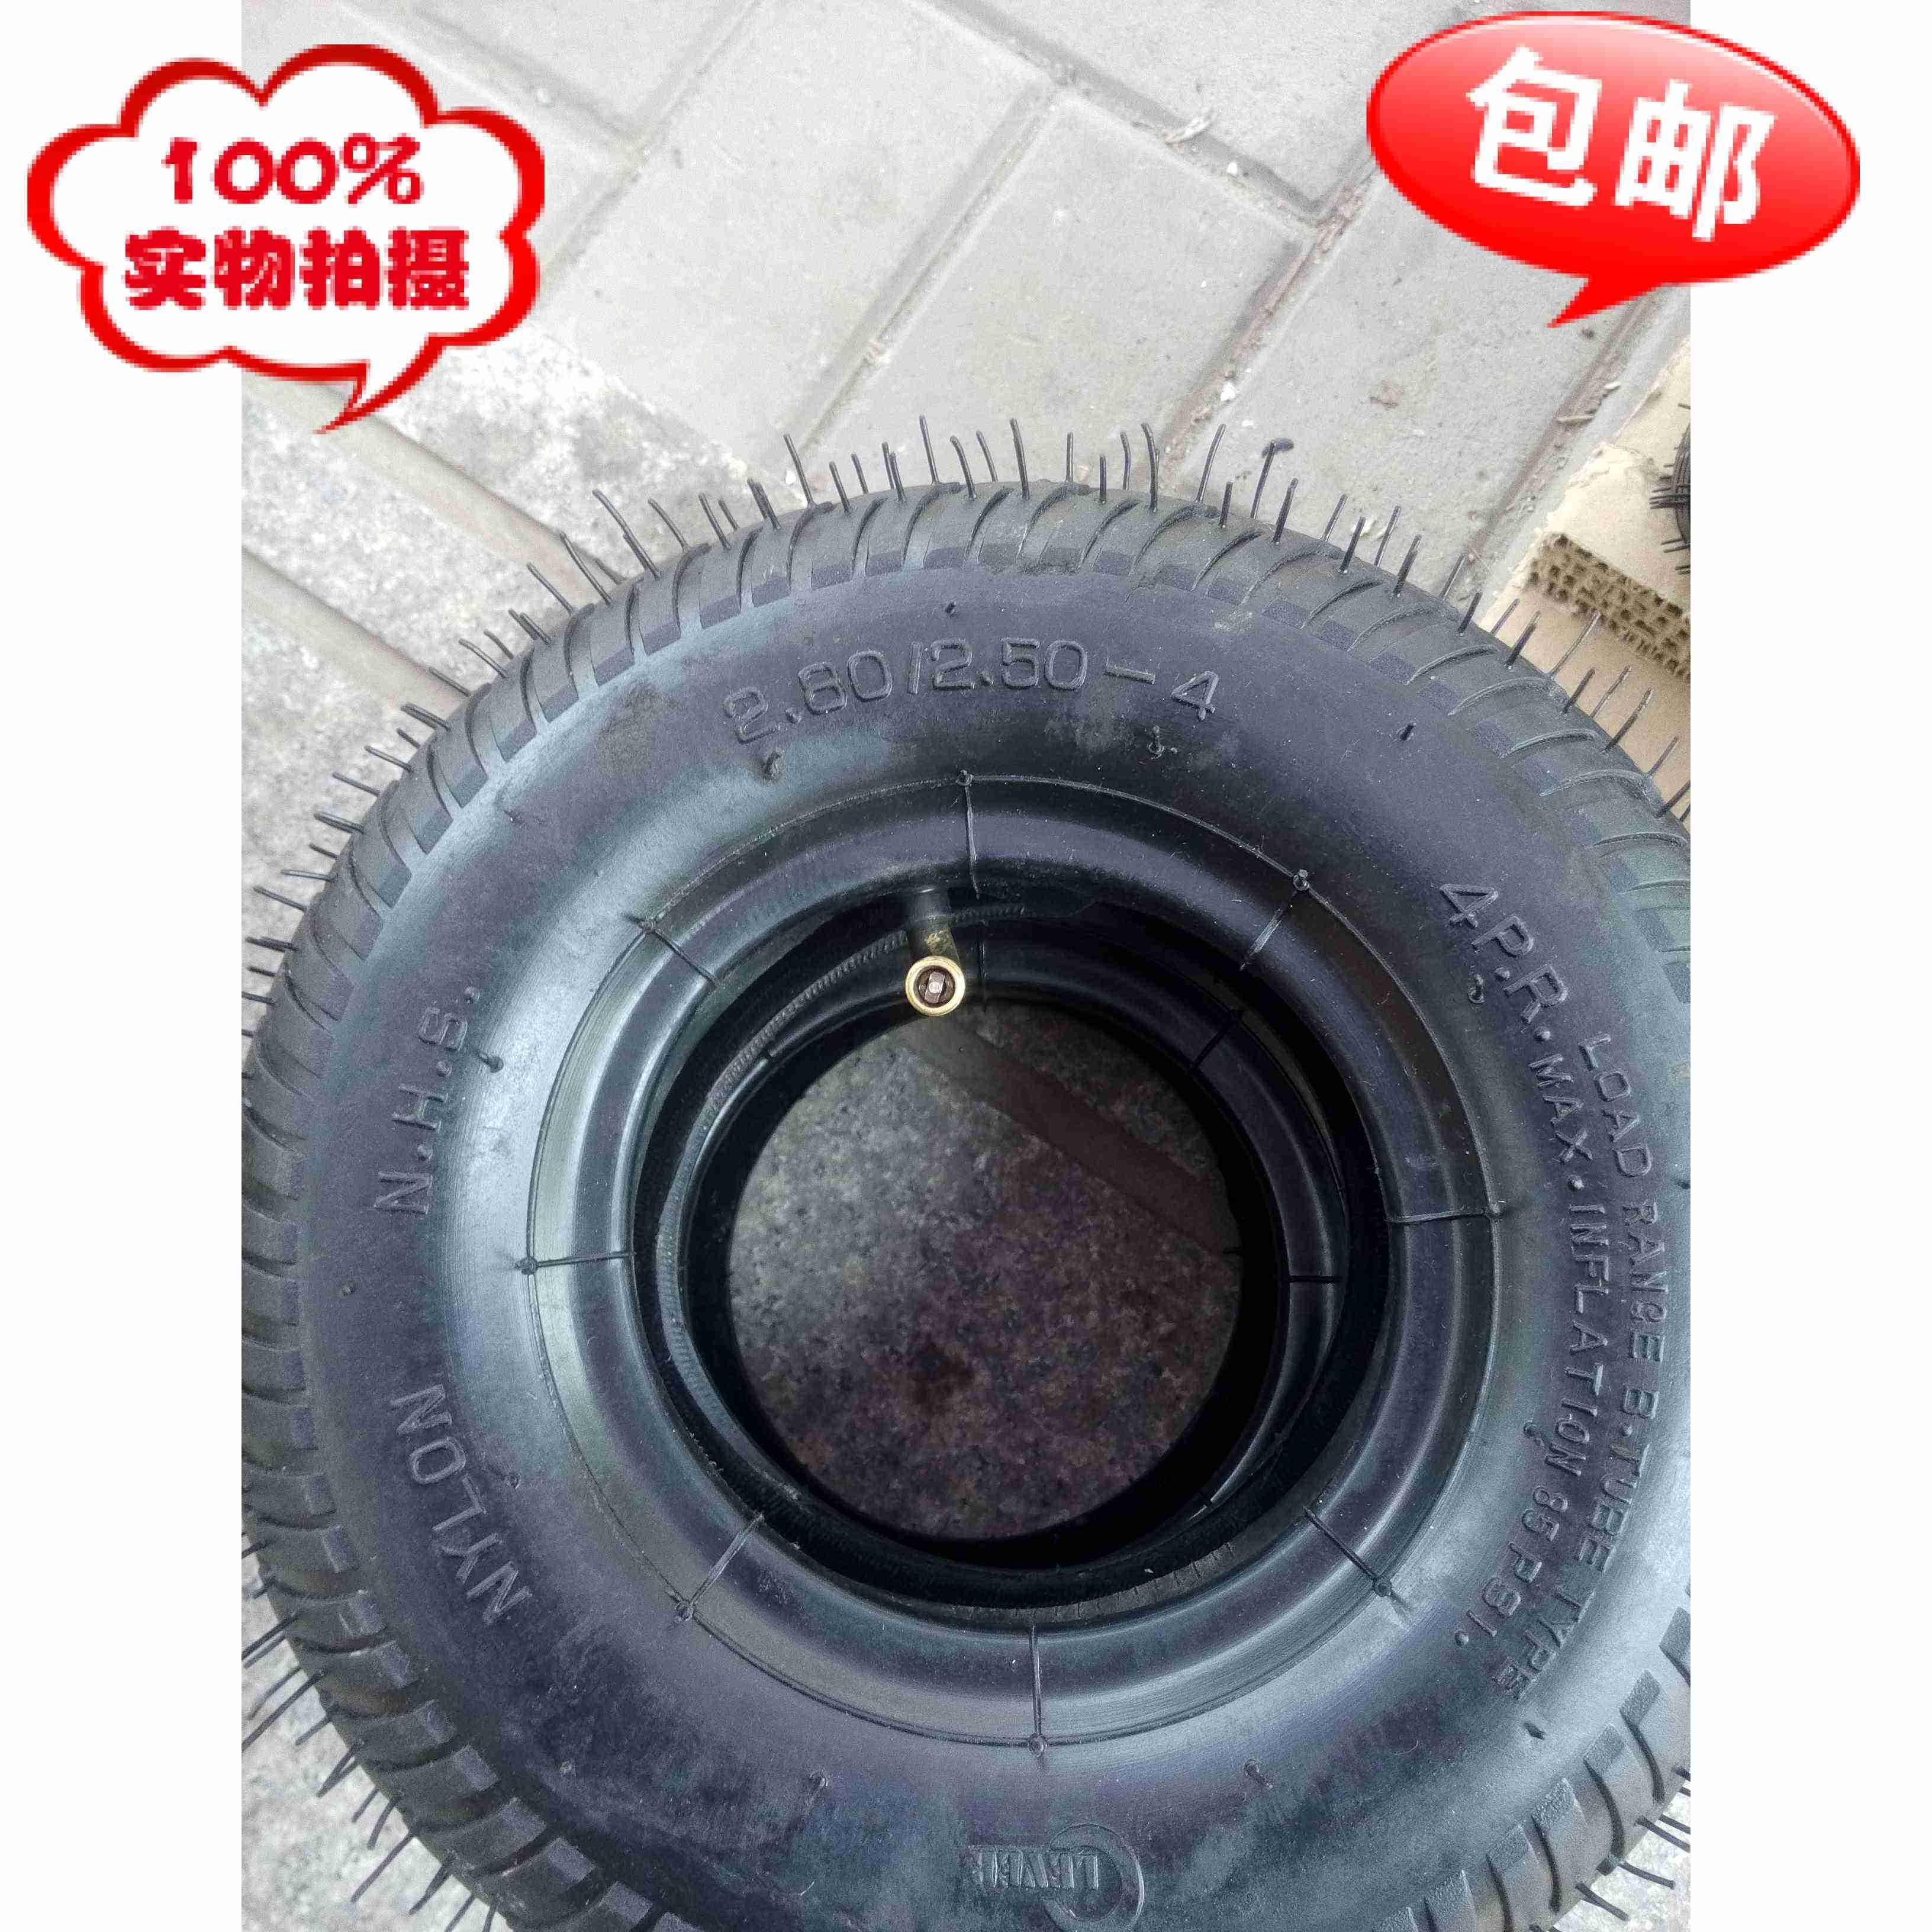 Yu Xin Электрический автомобиль 2.80-4/2.50-4 шин Внутренняя трубка 2.8-4/2.5-4 шины внутренней трубки для электронной почты